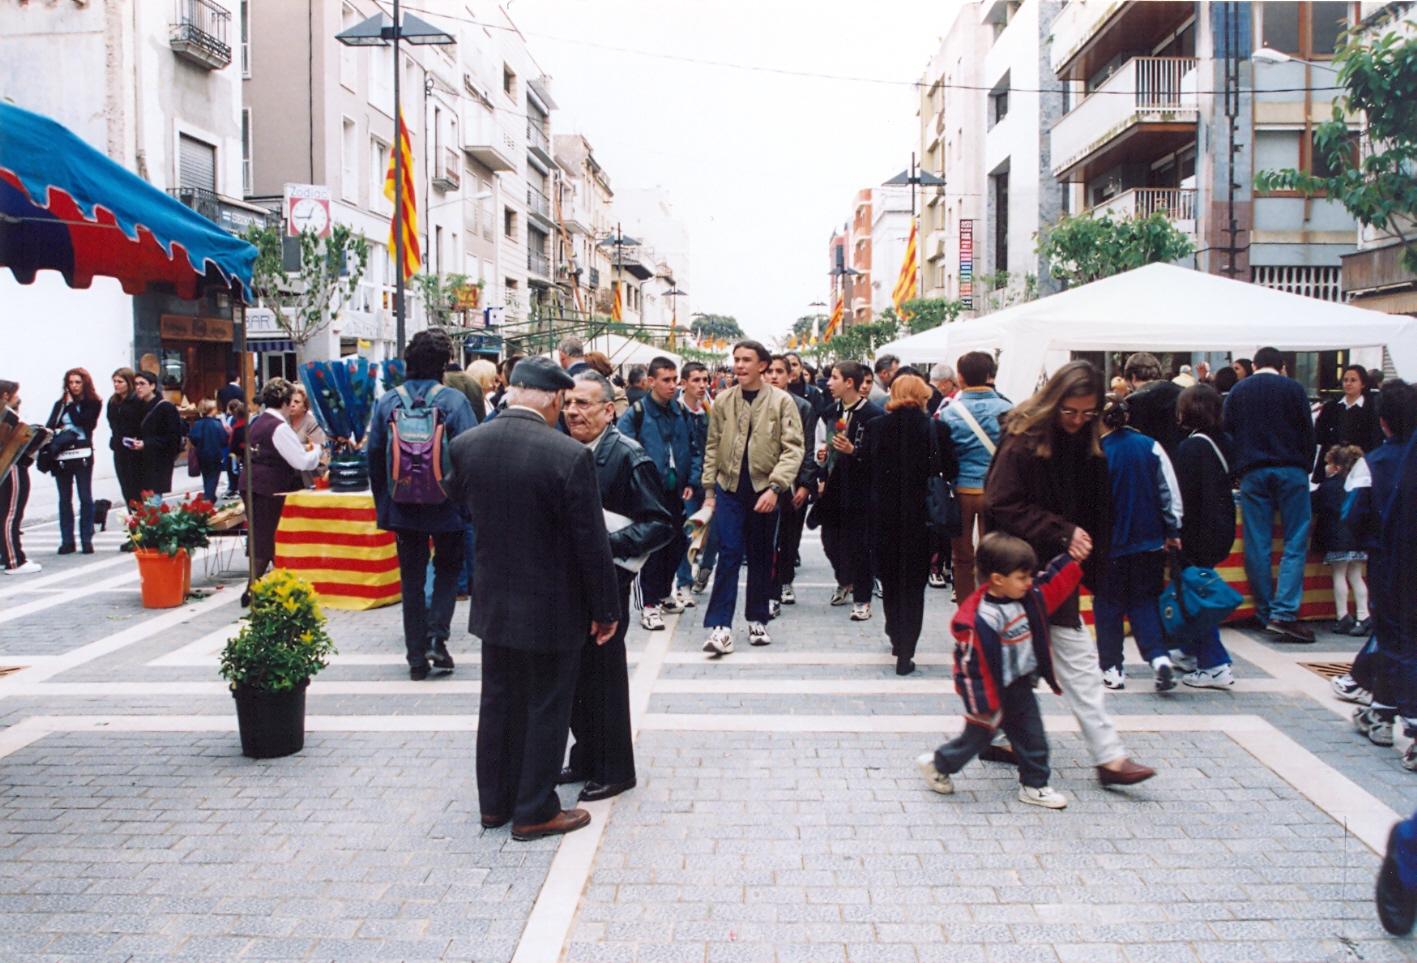 Vista de la rambla Vidal per Sant Jordi, 1998 AMSFG. Col·lecció Municipal d'Imatges (Autor desconegut)